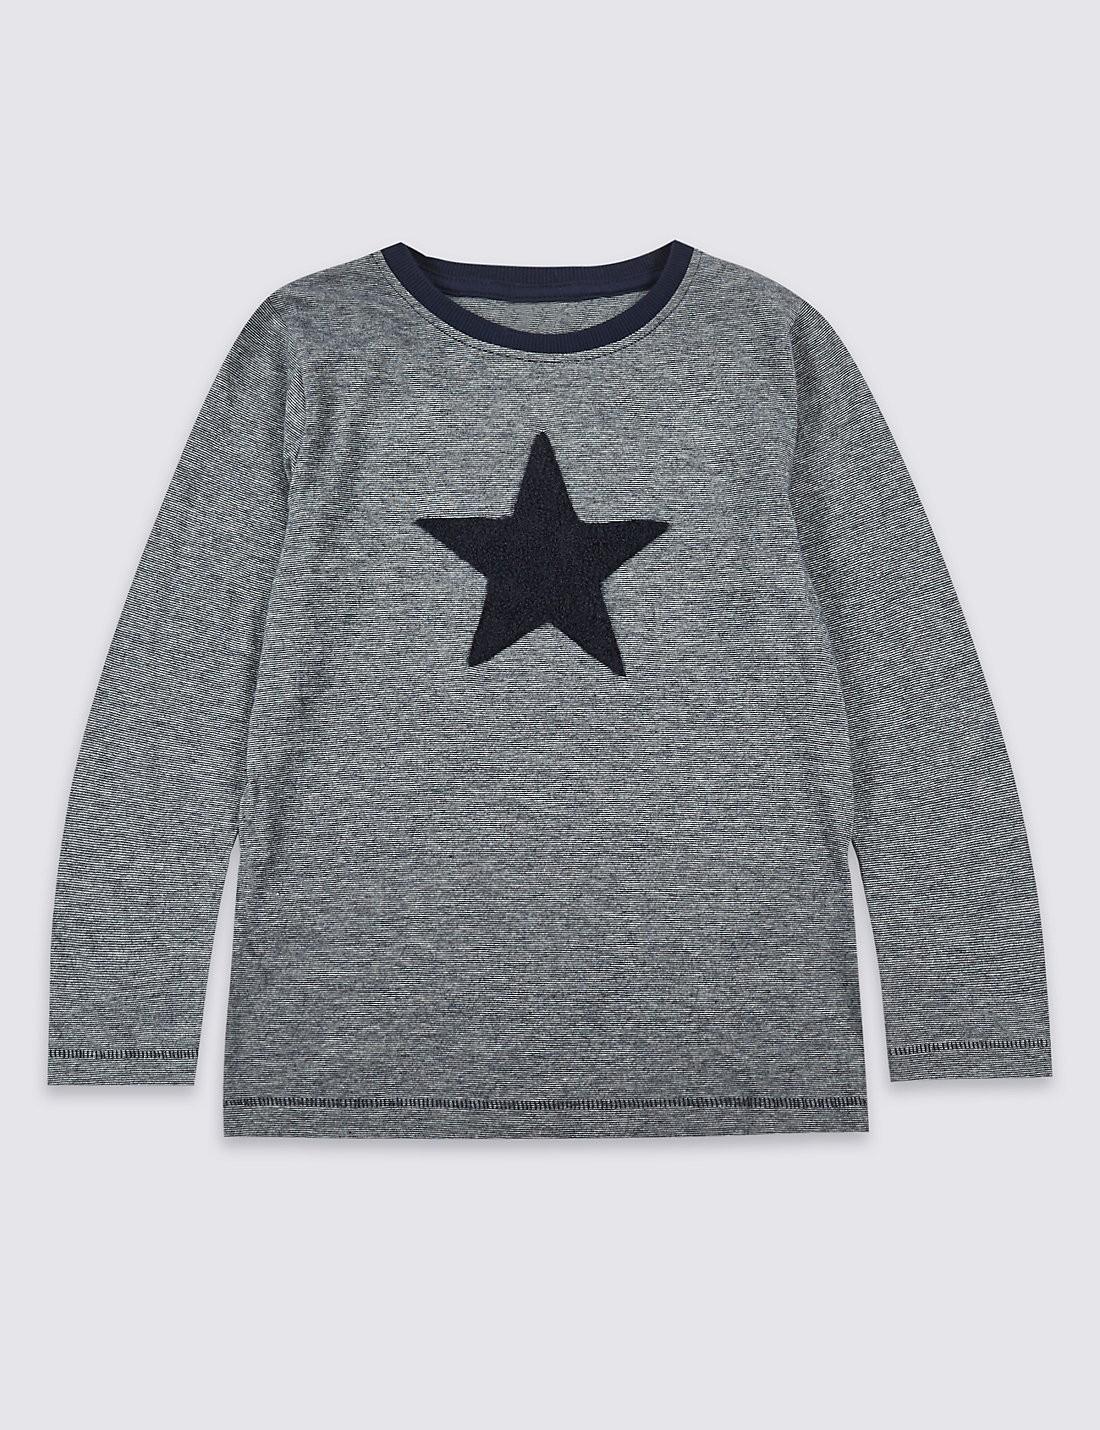 Boys Long Sleeve Star Top